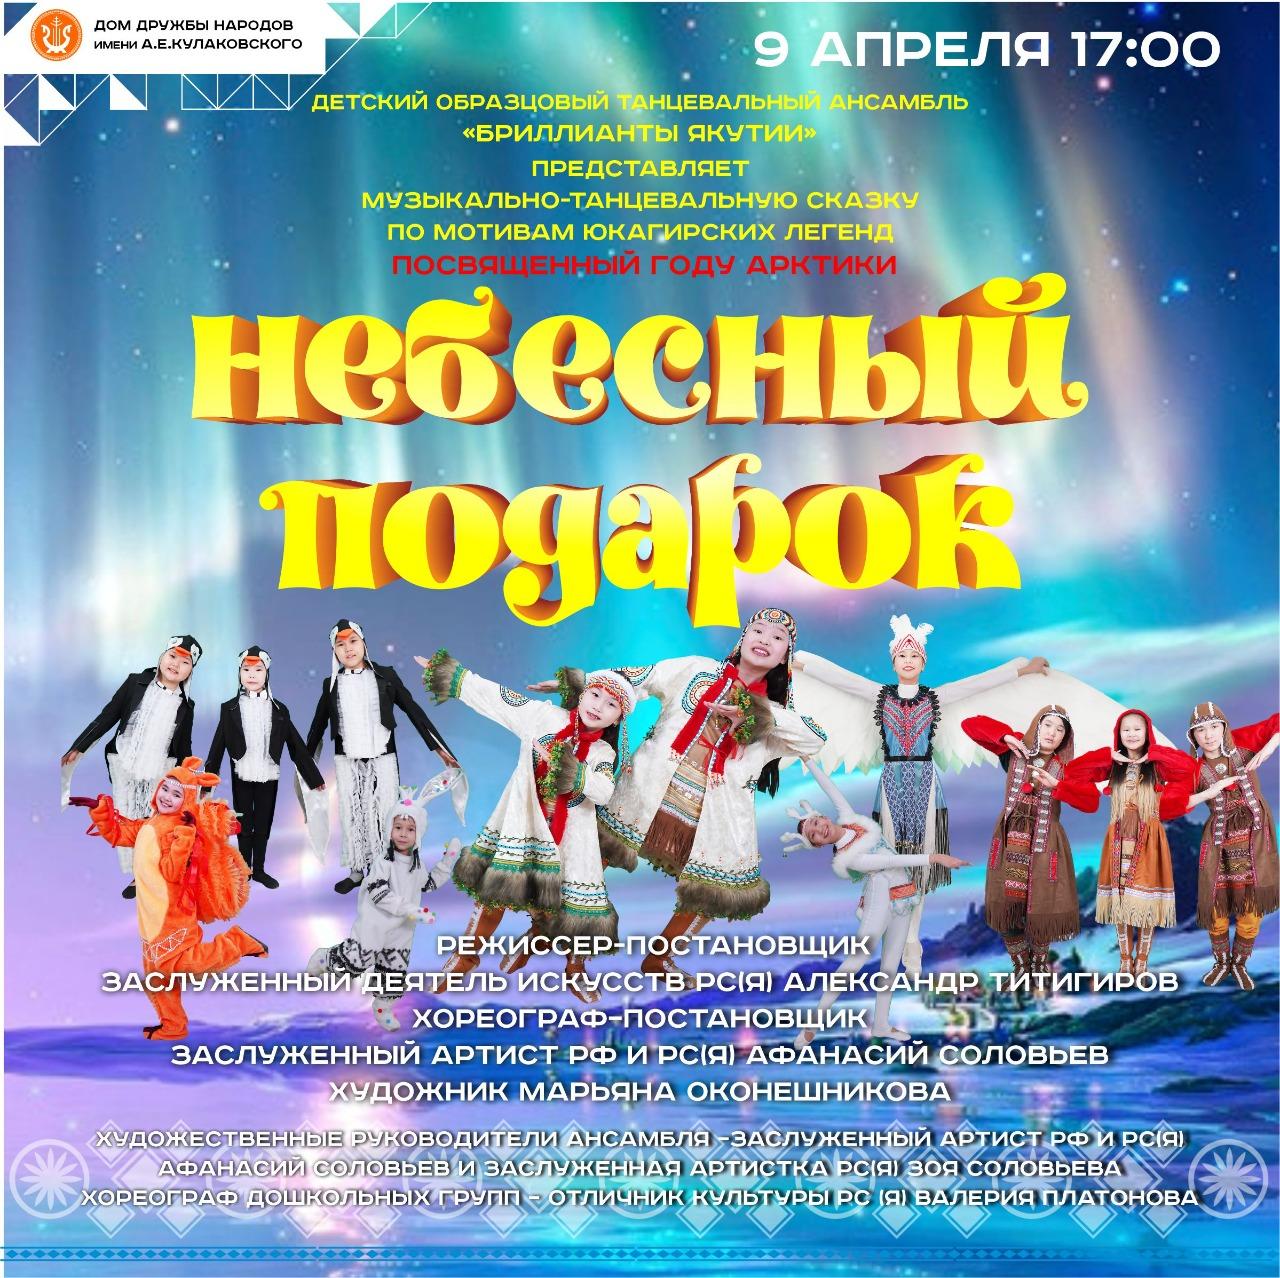 Ансамбль «Бриллианты Якутии» приглашает